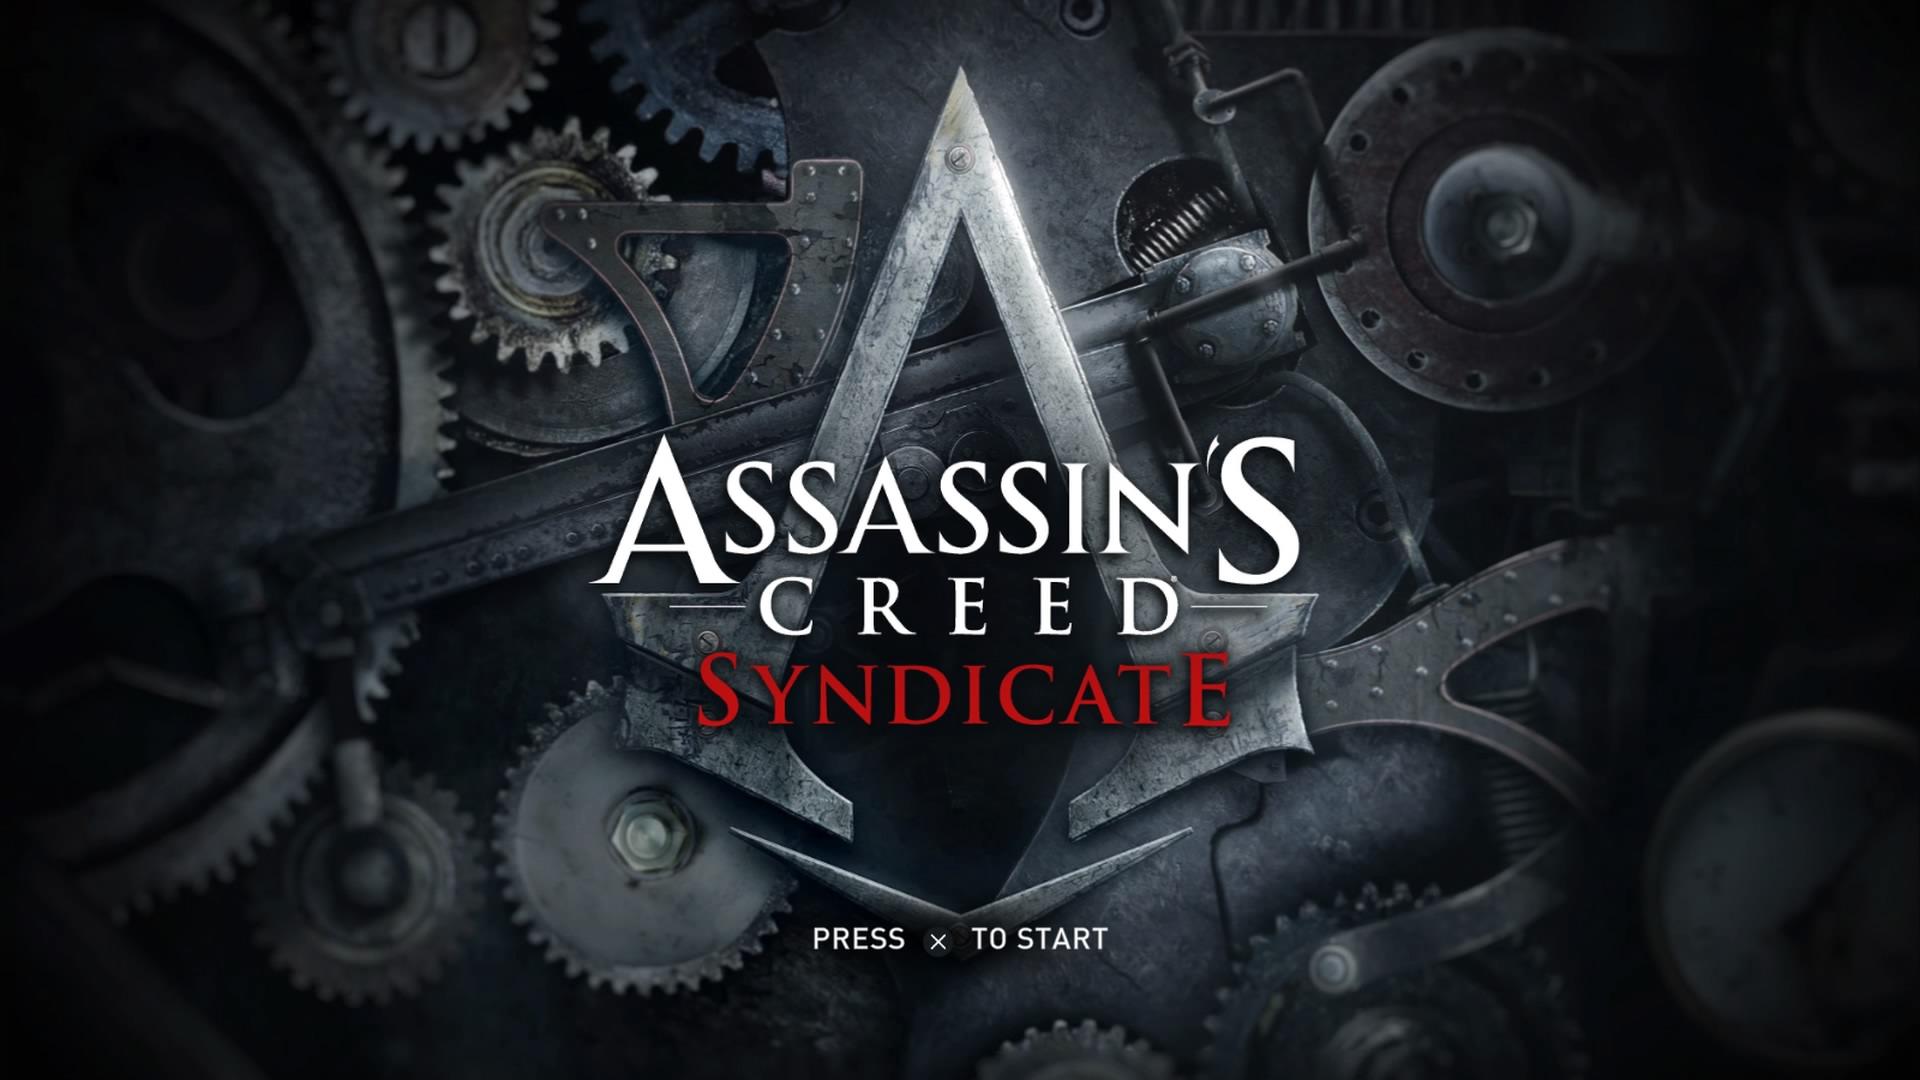 Čeština v Assassin's Creed: Syndicate je kompletní 115324